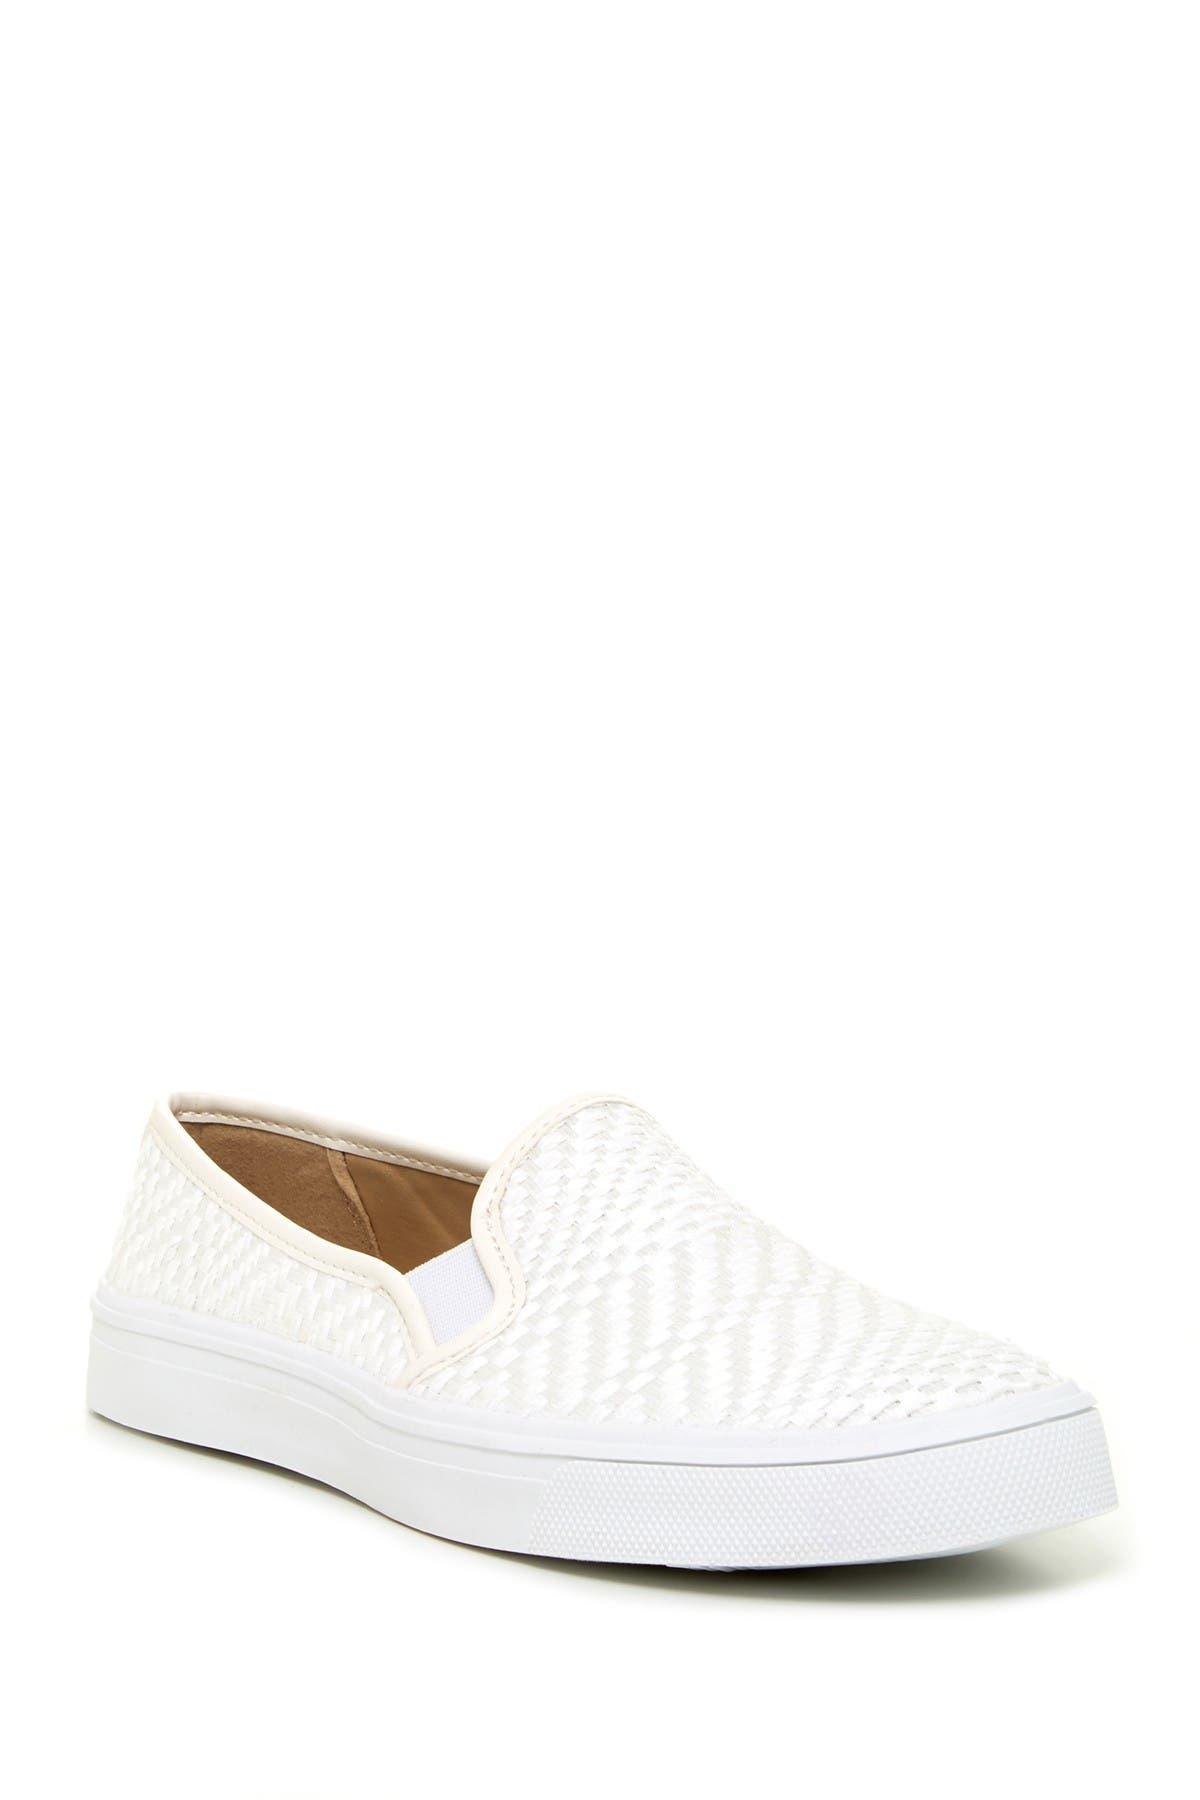 DV DOLCE VITA   Samari Slip-On Sneaker